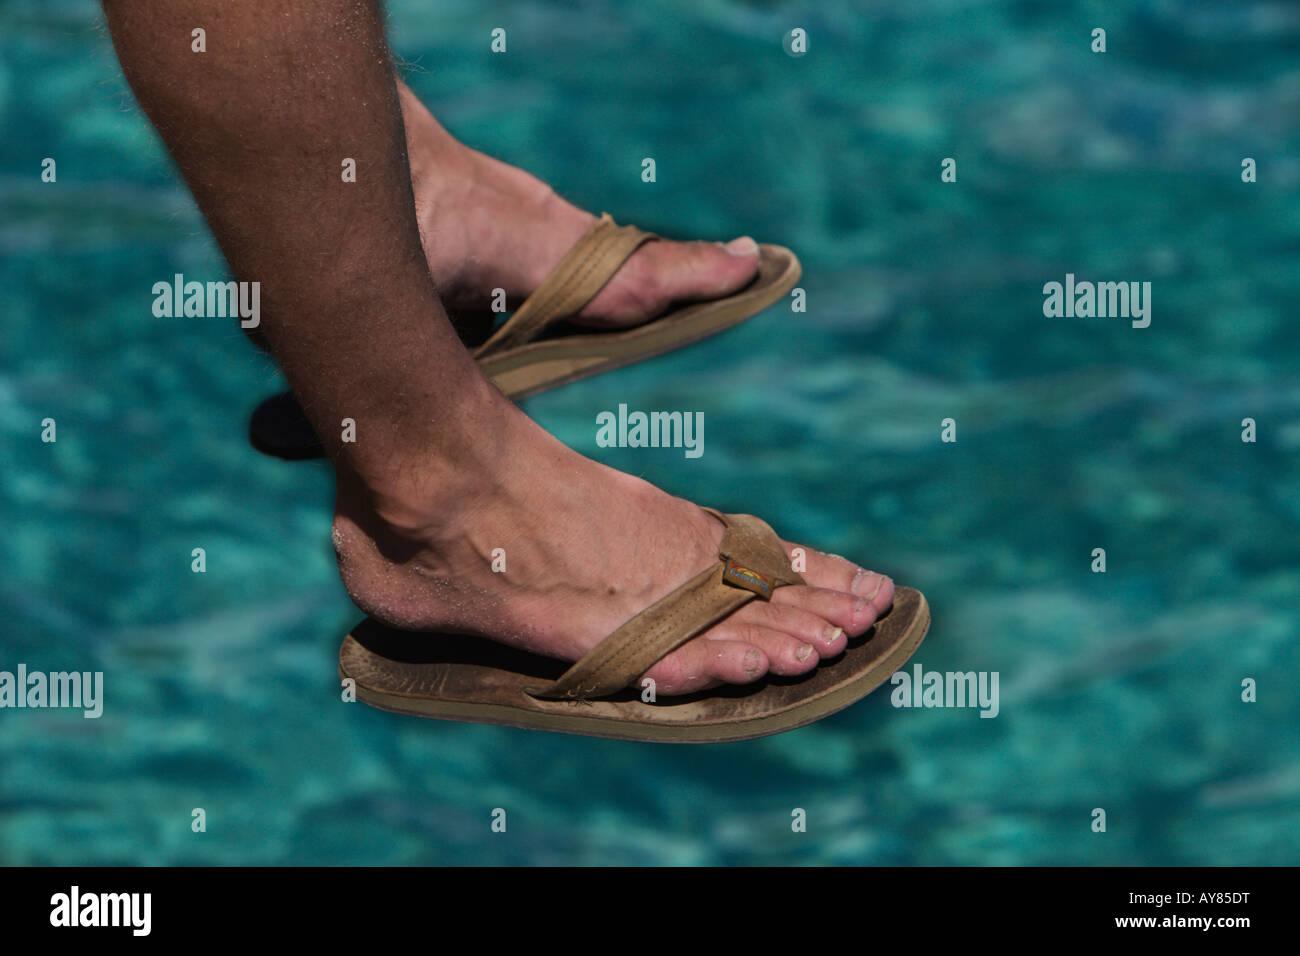 8acee4f3 Hombre de pie vistiendo chanclas (es decir, chanclas o sandalias) colgando  sobre el